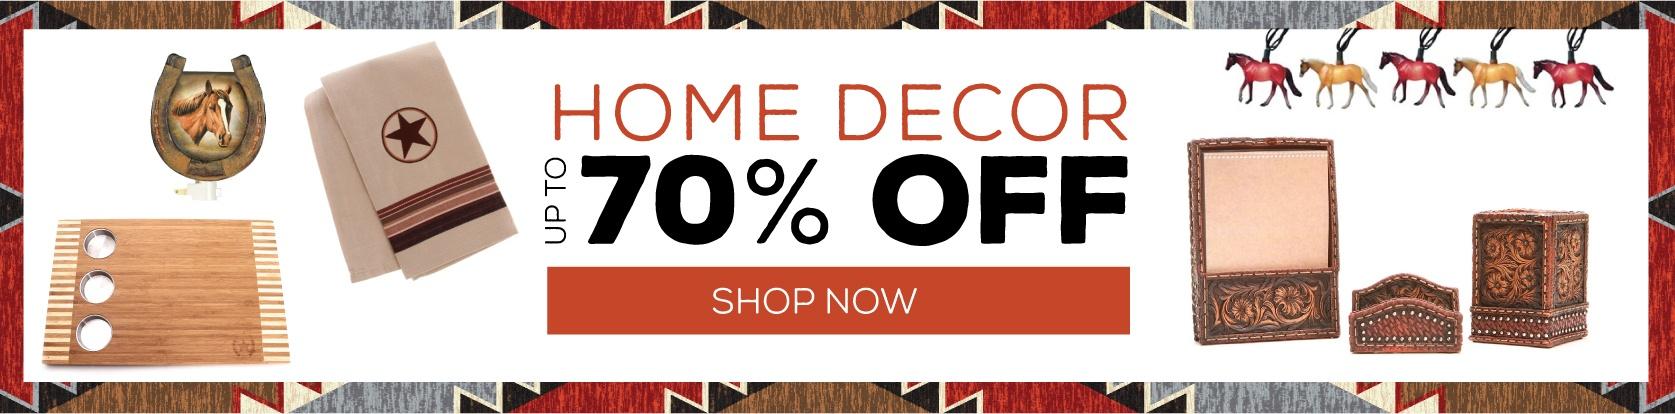 Home Decor 70% Off